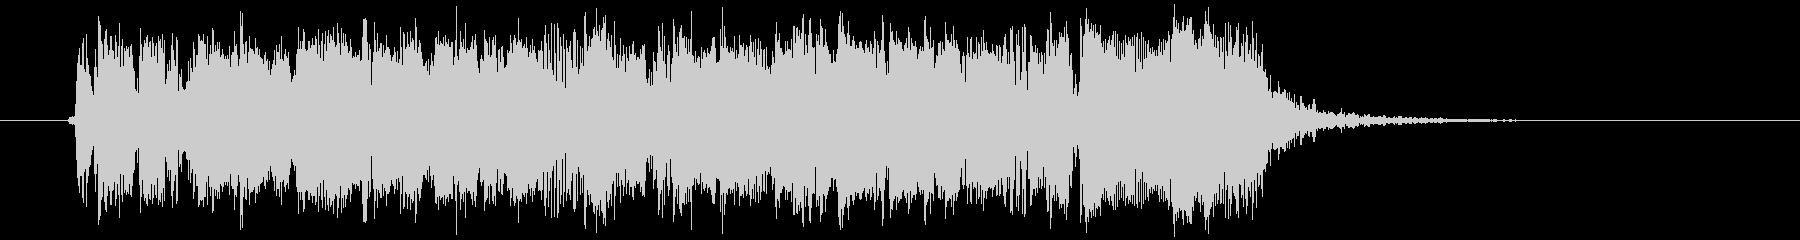 ギターフレーズ016の未再生の波形